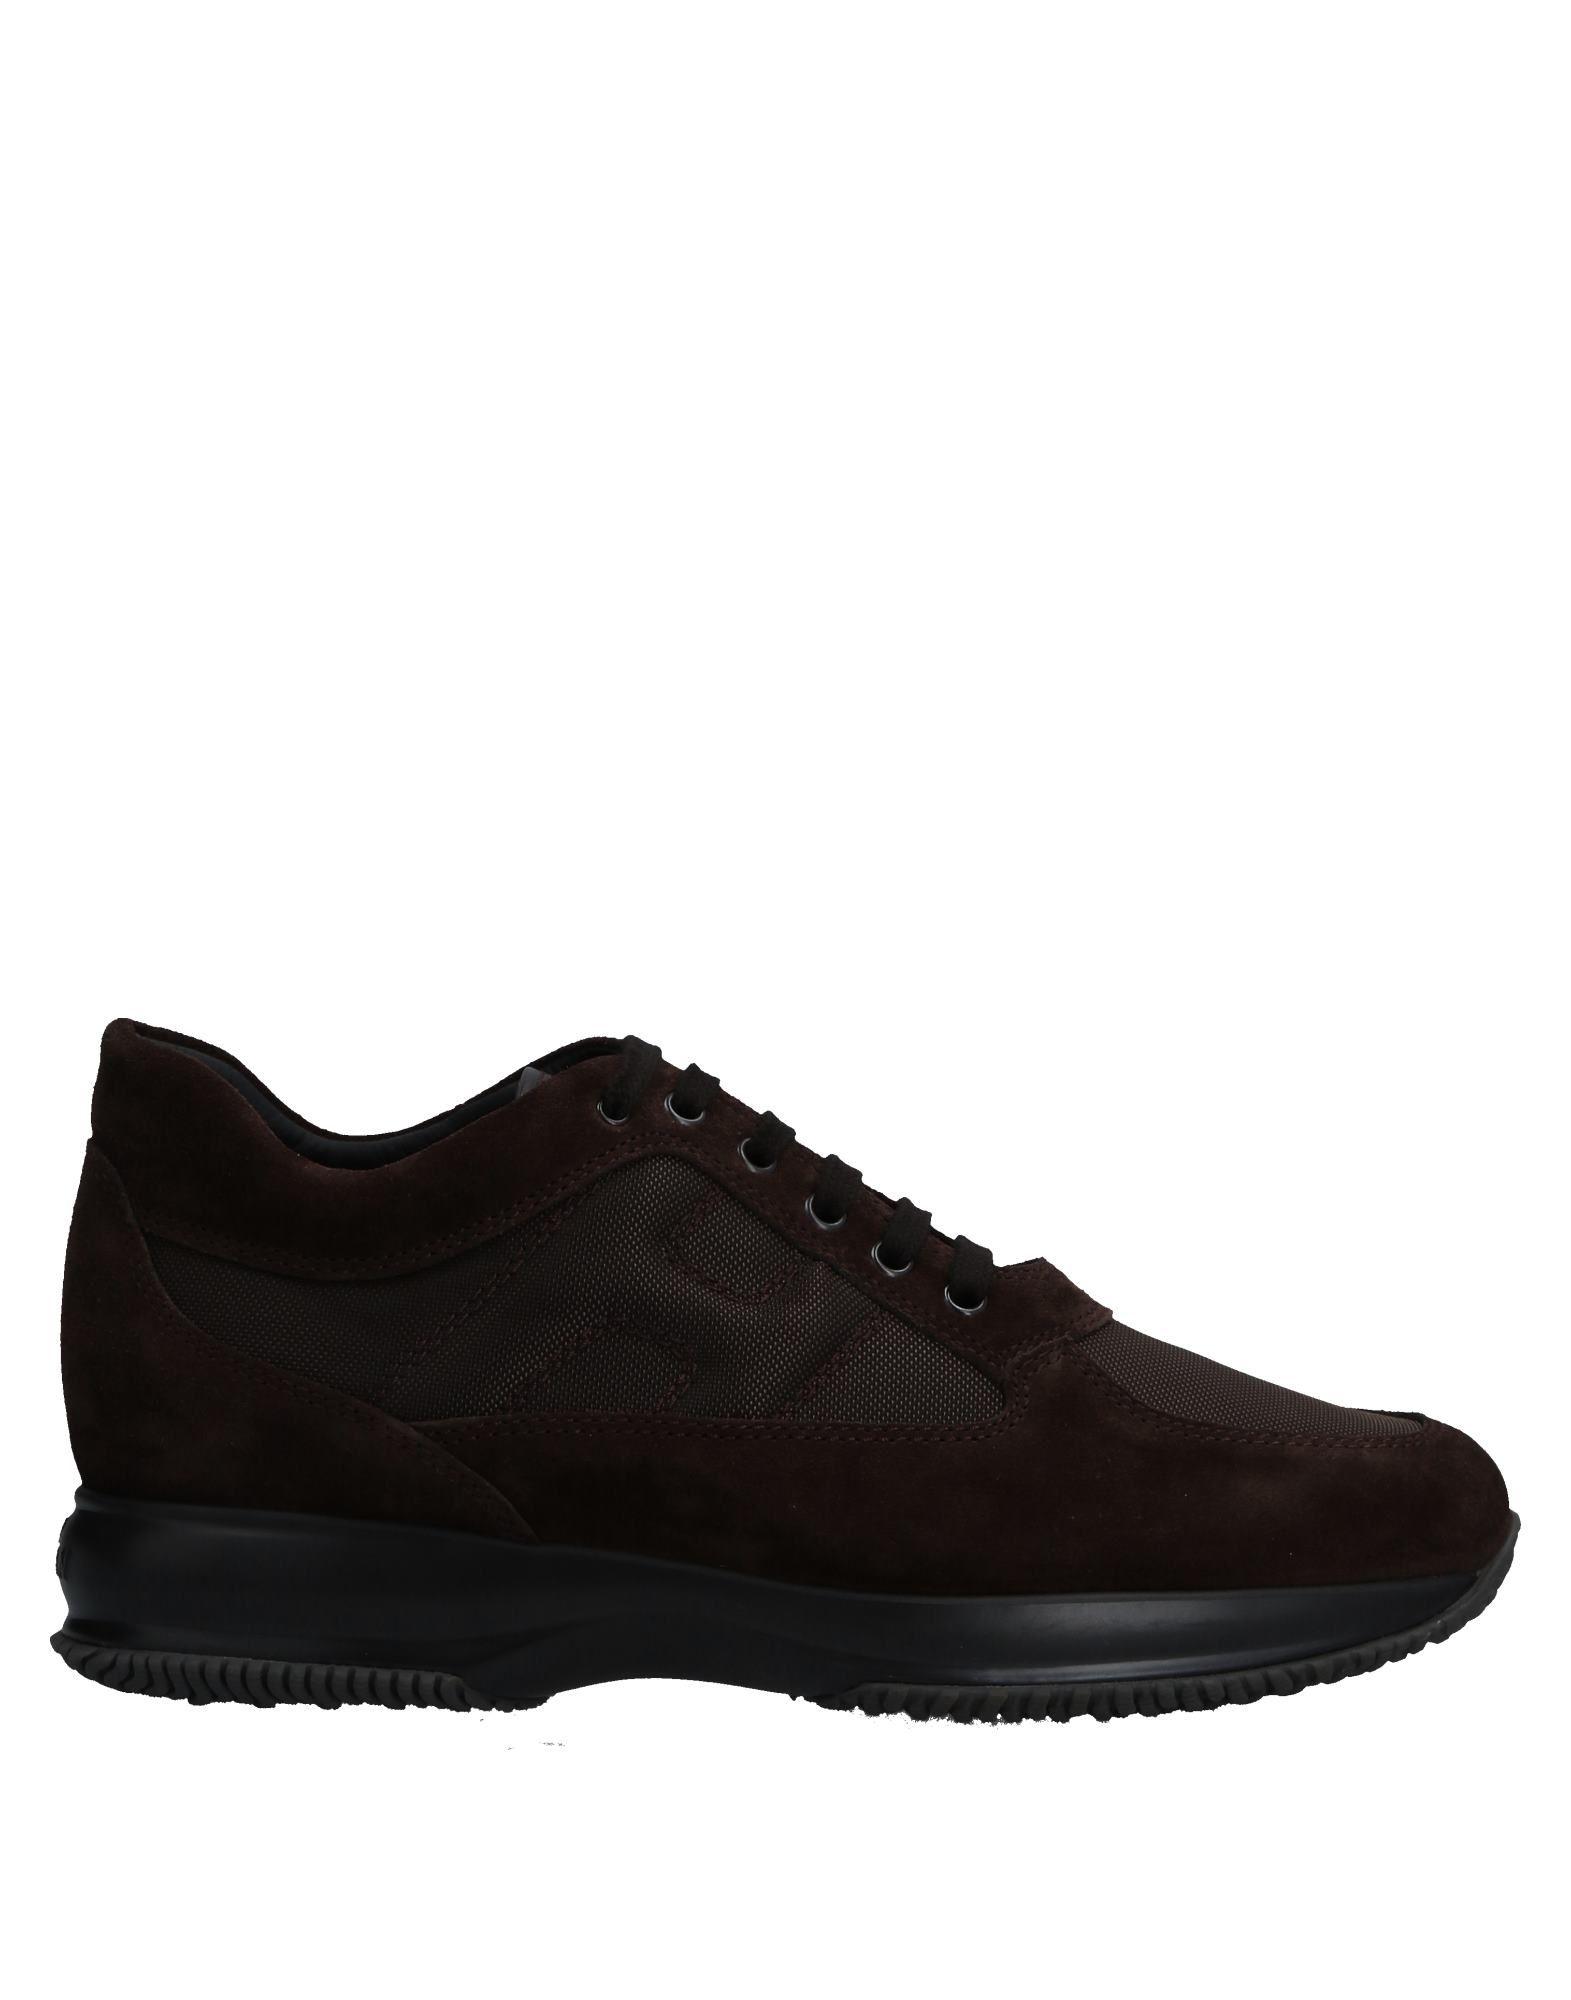 Moda 11518516KJ Sneakers Hogan Uomo - 11518516KJ Moda 8358d8